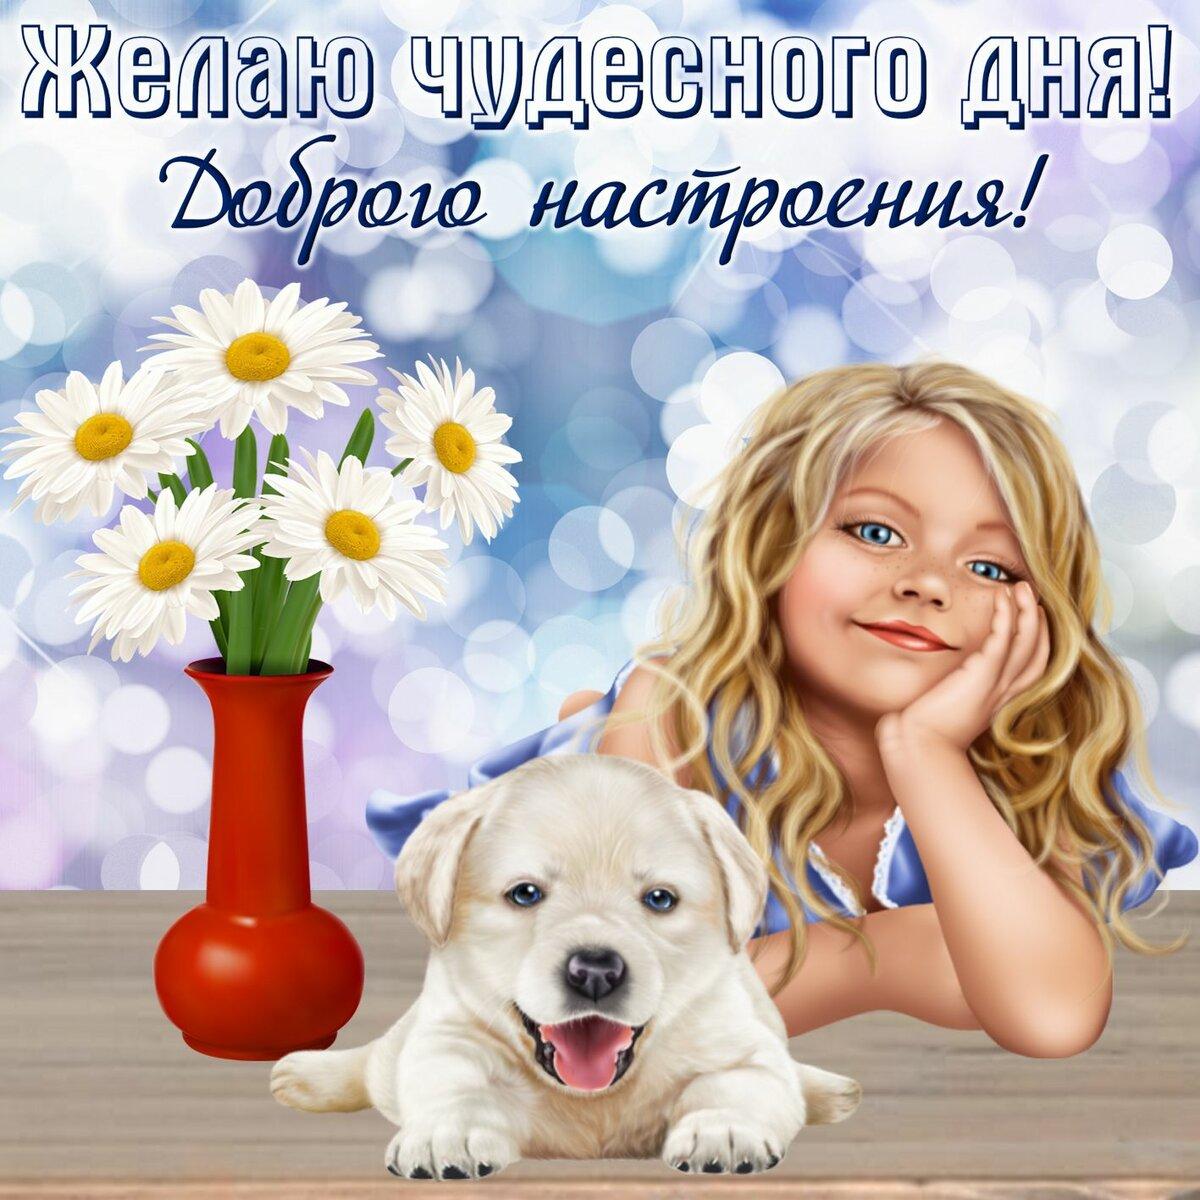 Добрые пожелания на день открытка, днем рождения прикольные